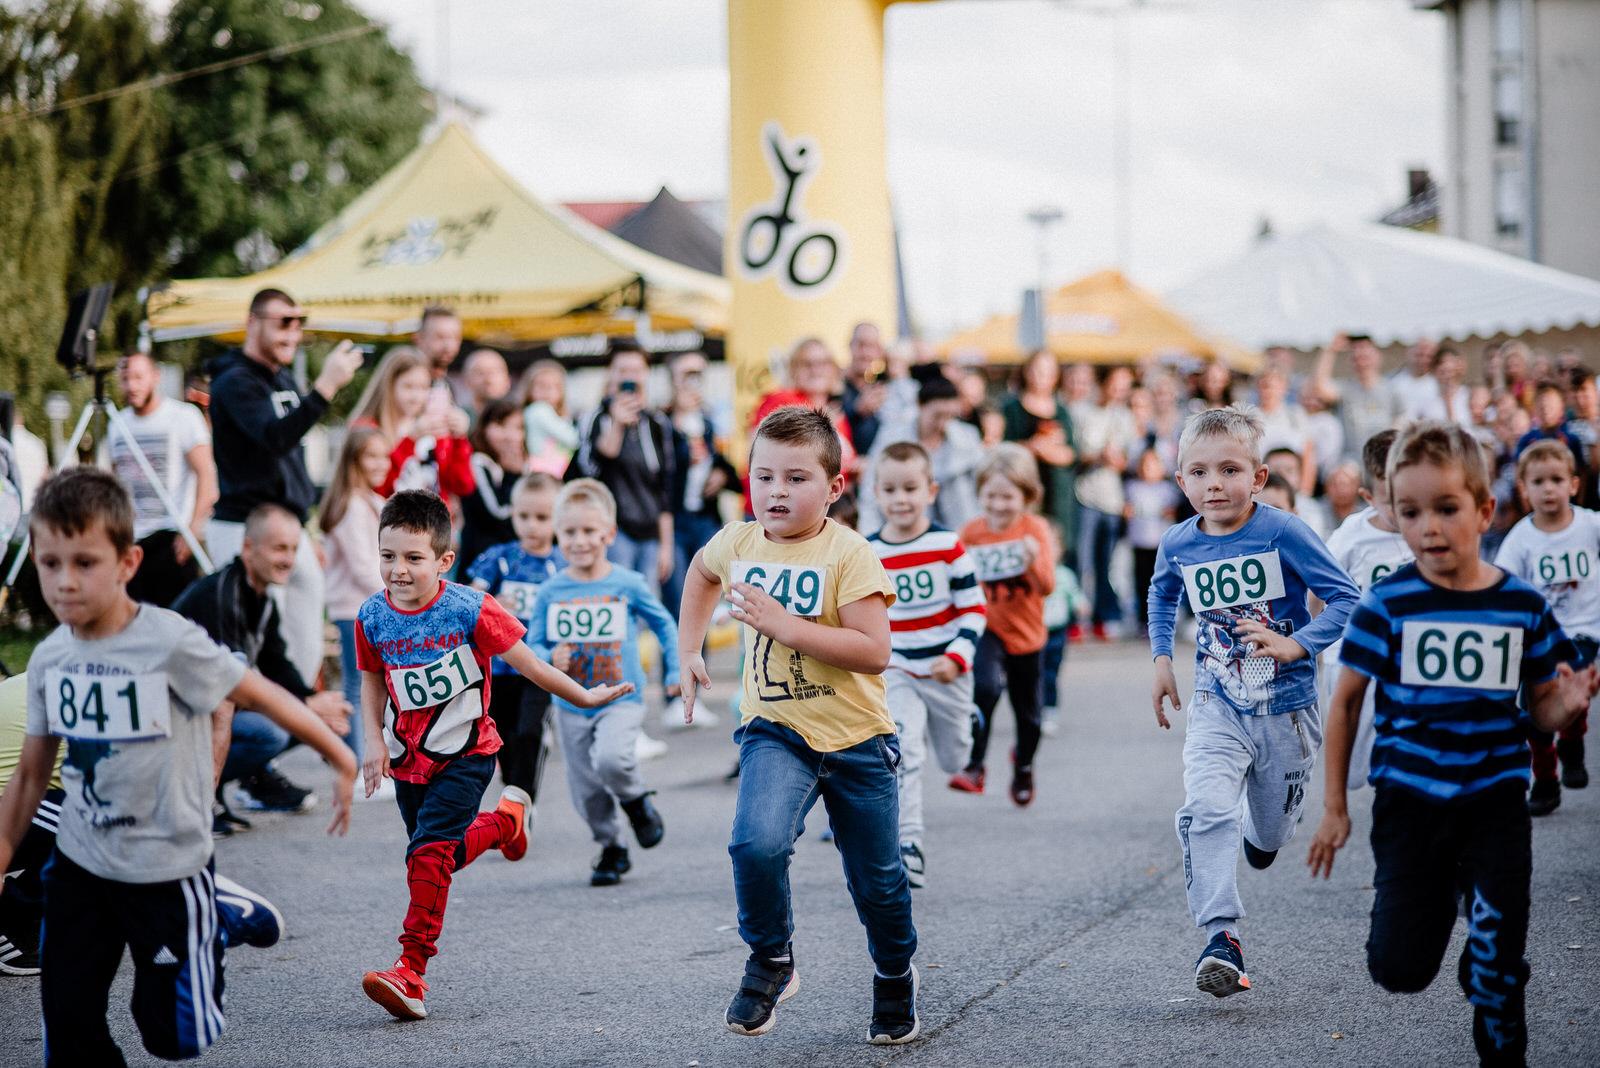 likaclub_korenica_noćna-utrka-2019-9